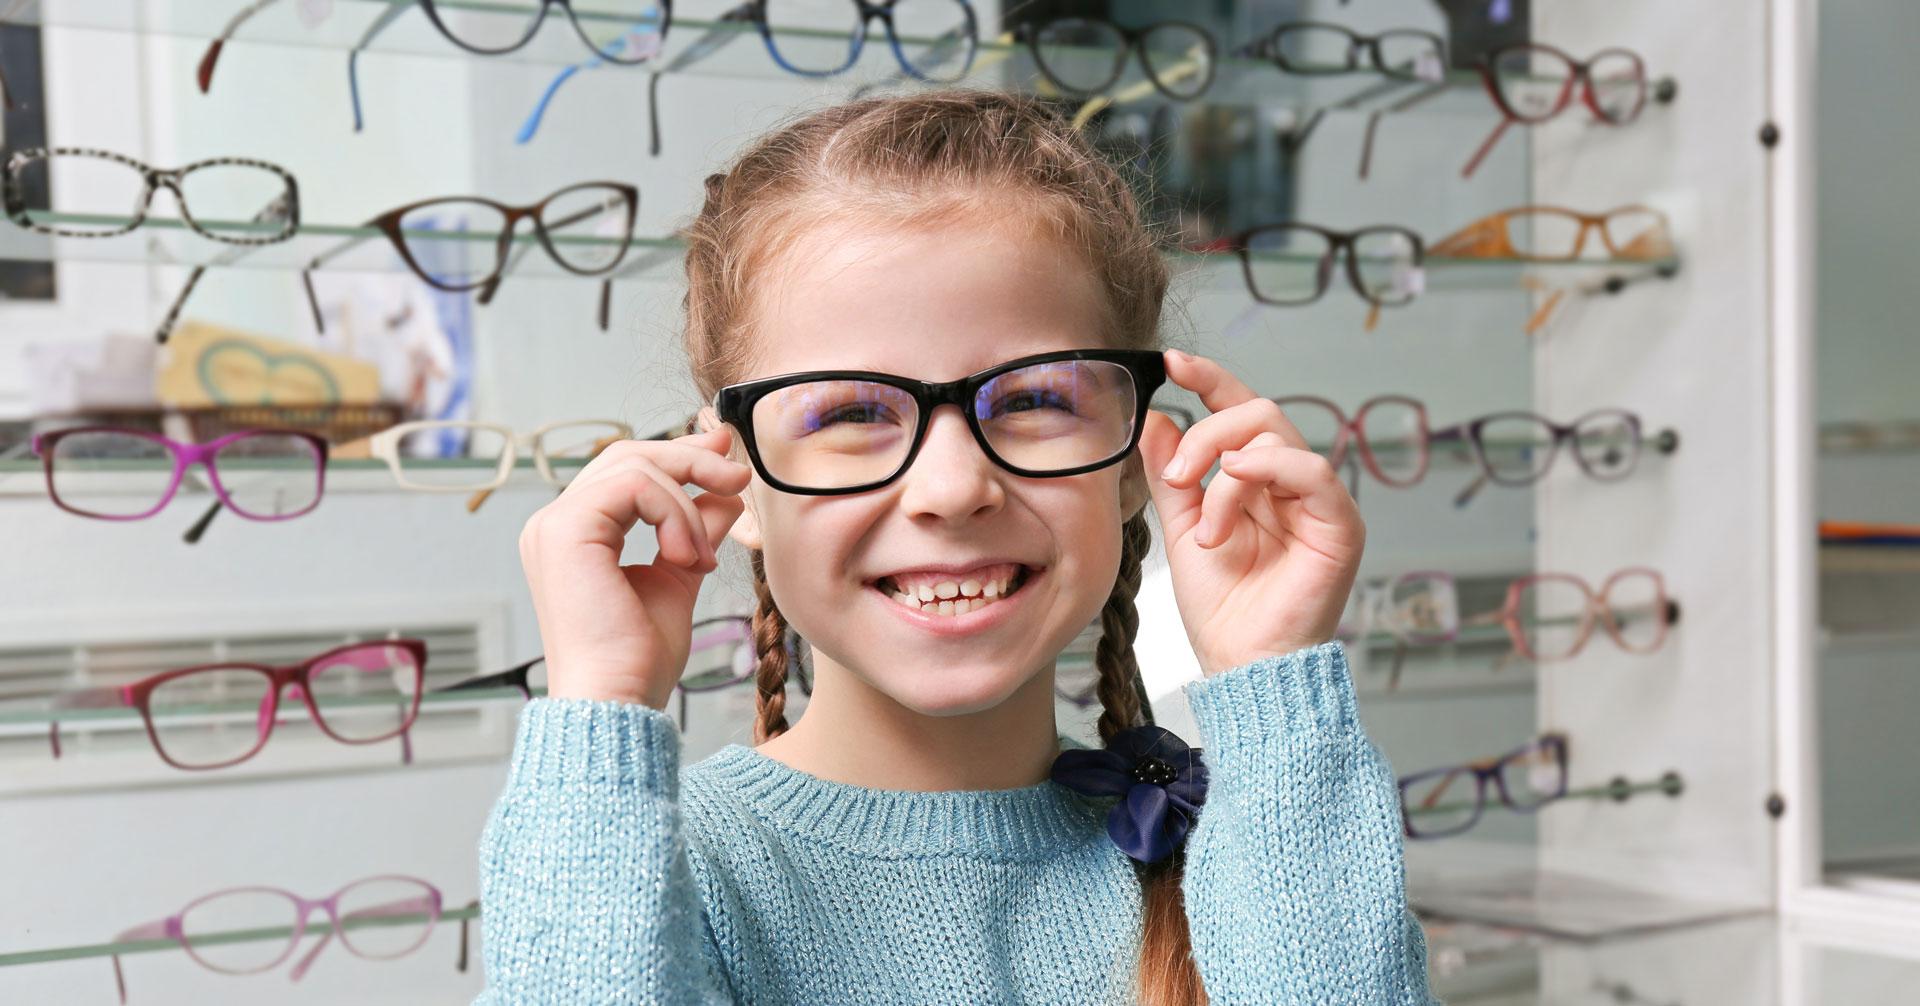 copiii își tratează ochii cu ochelari